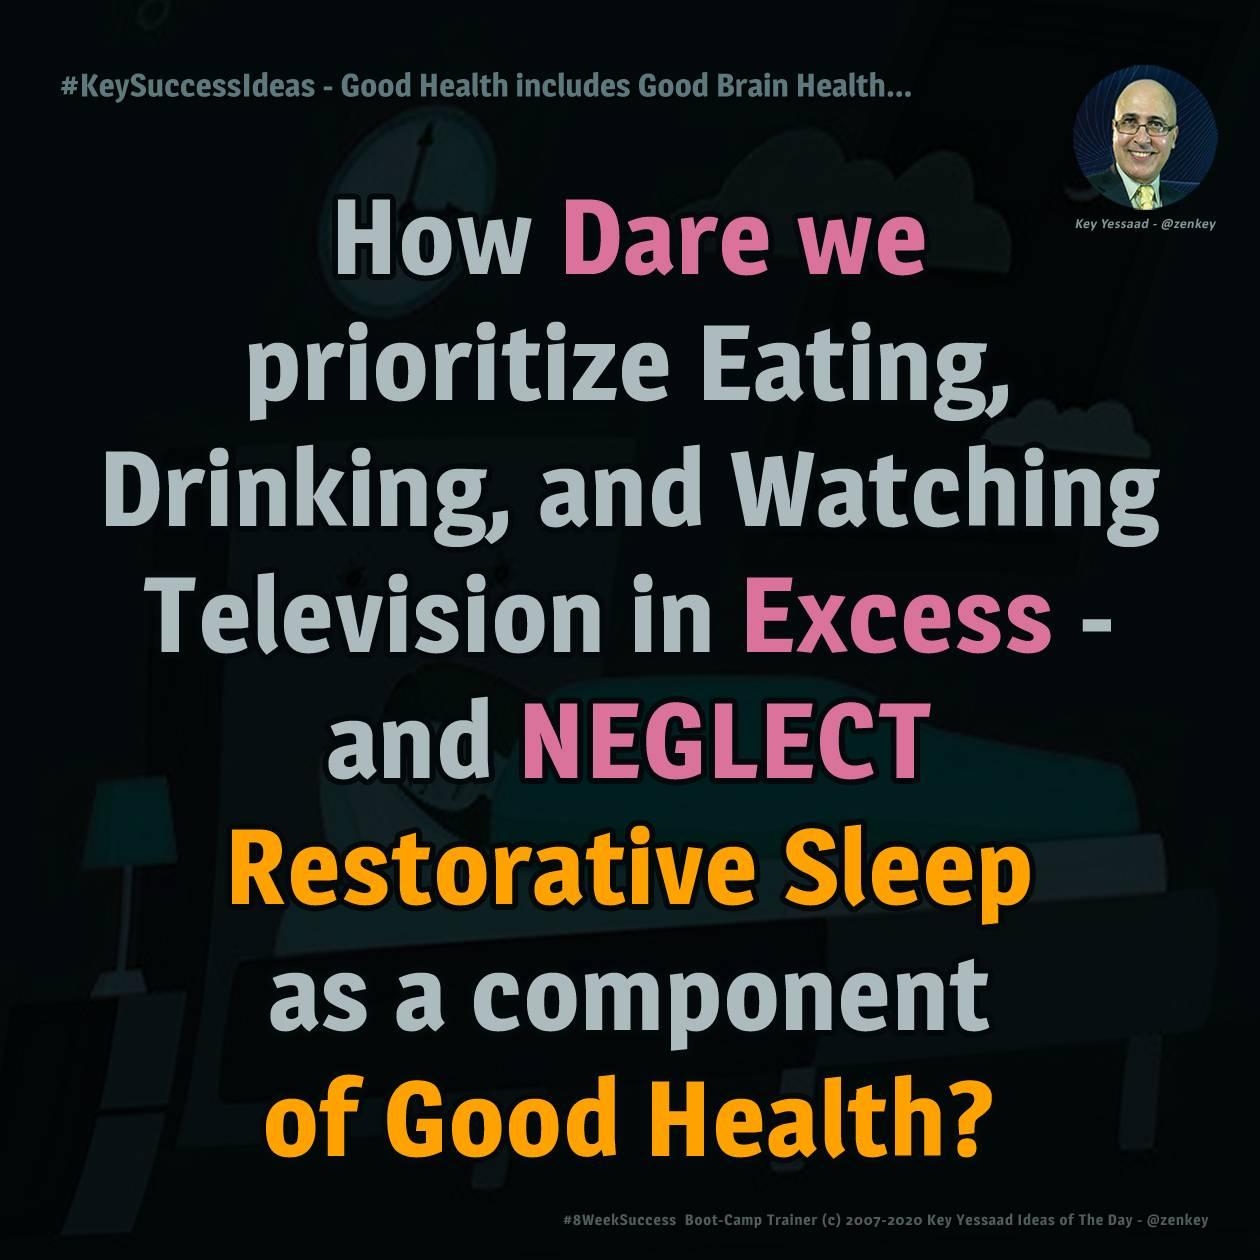 Good Health includes Good Brain Health... - #KeySuccessIdeas